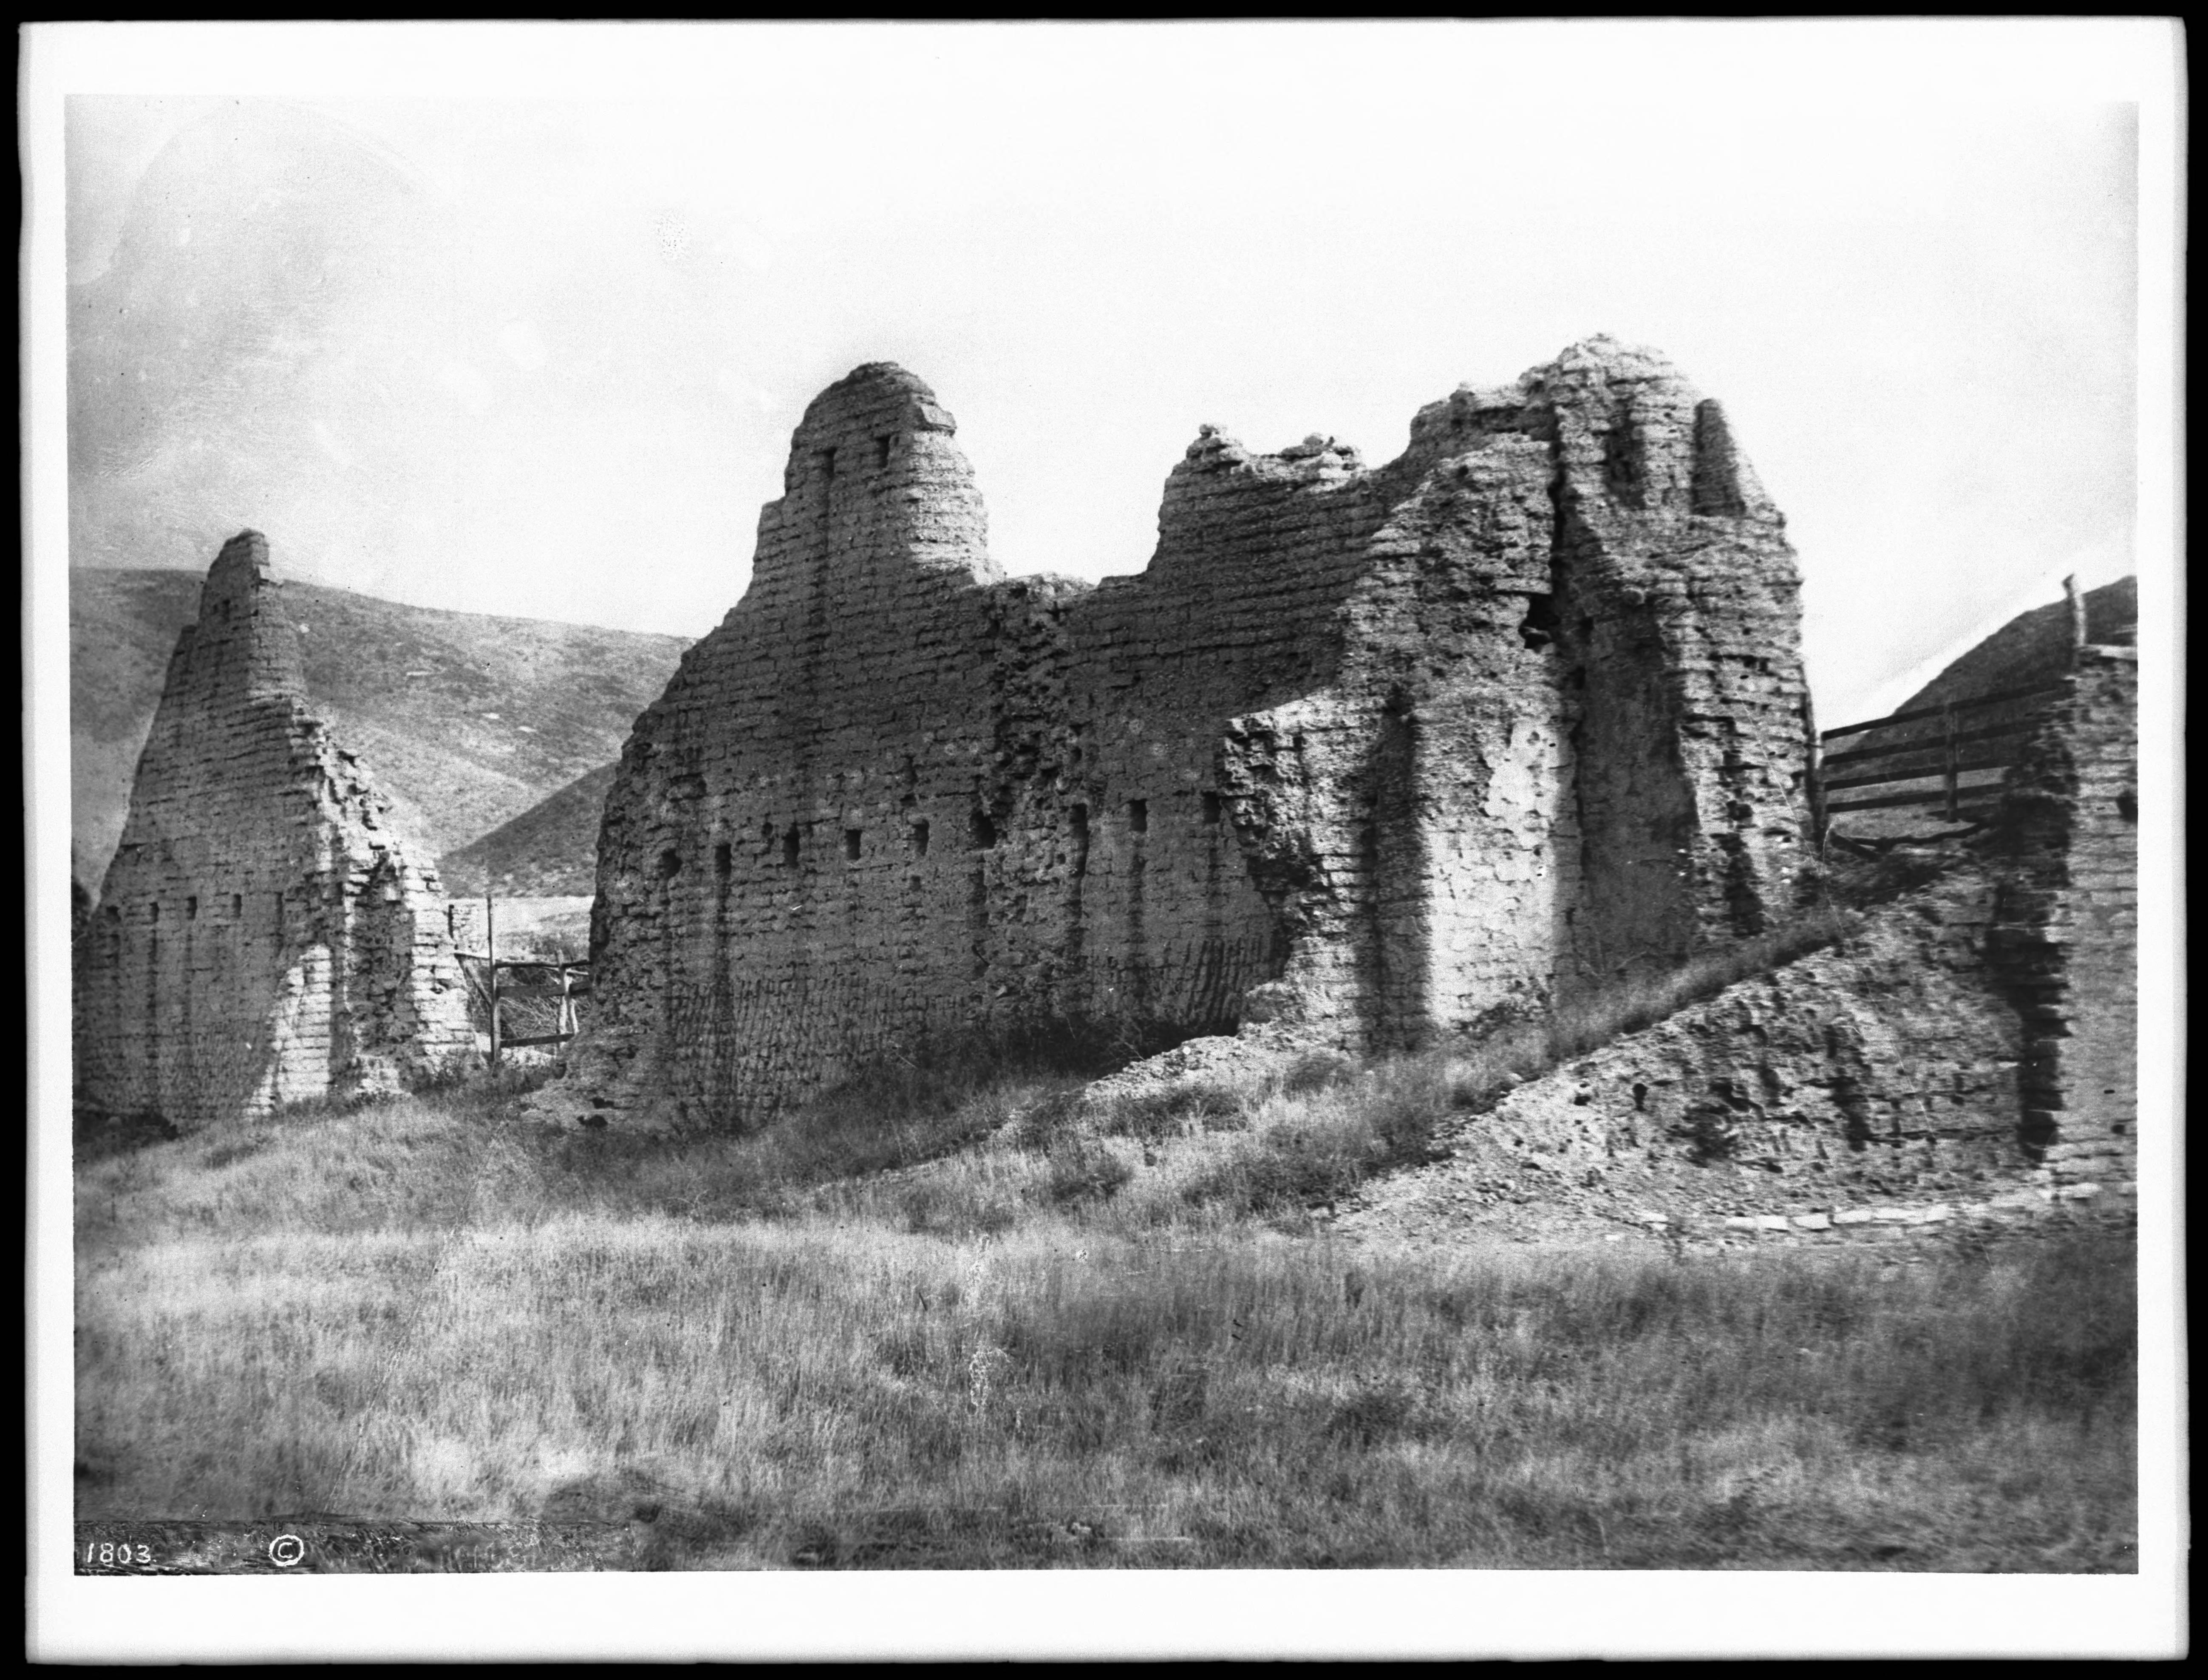 Mission Hills Ca >> File:Ruins of Mission La Purisima Concepcion, ca.1885-1904 (CHS-1803).jpg - Wikimedia Commons